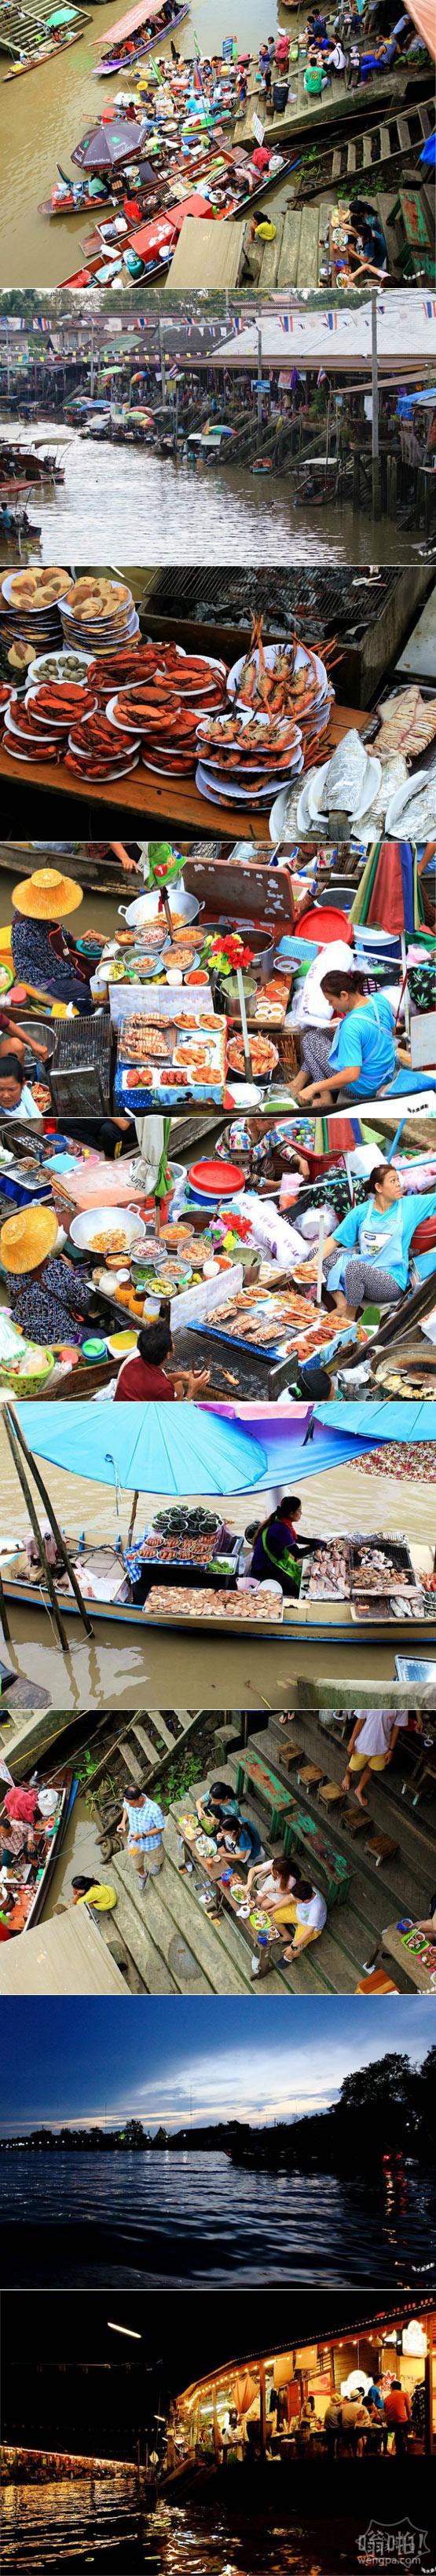 吃货的天堂:泰国曼谷安帕瓦水上市场